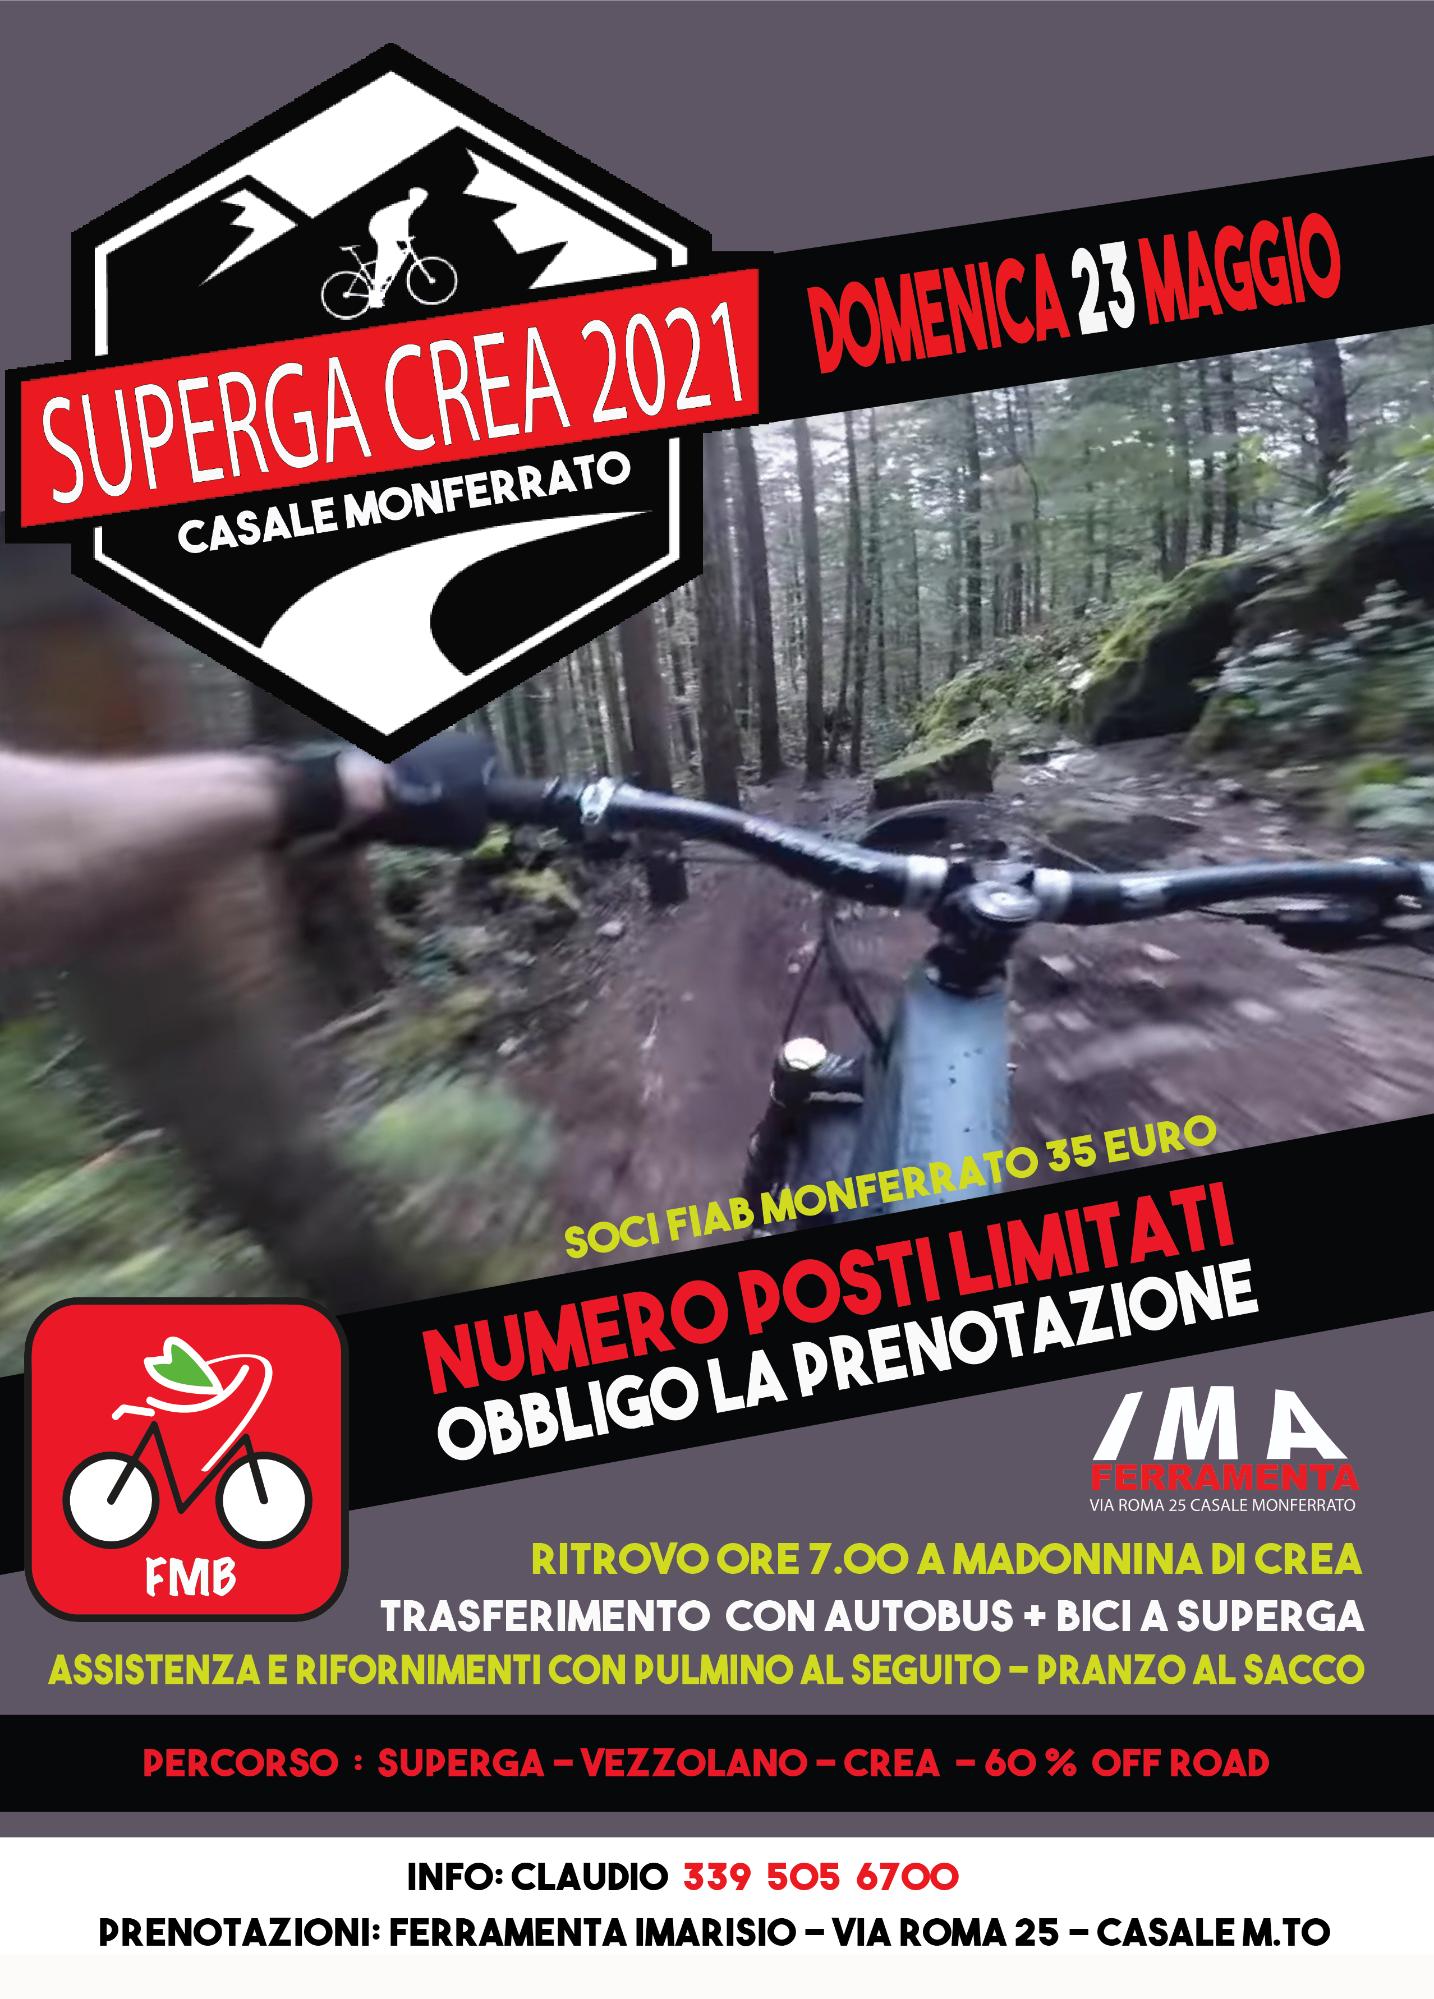 Superga - Crea in Mtb 2021